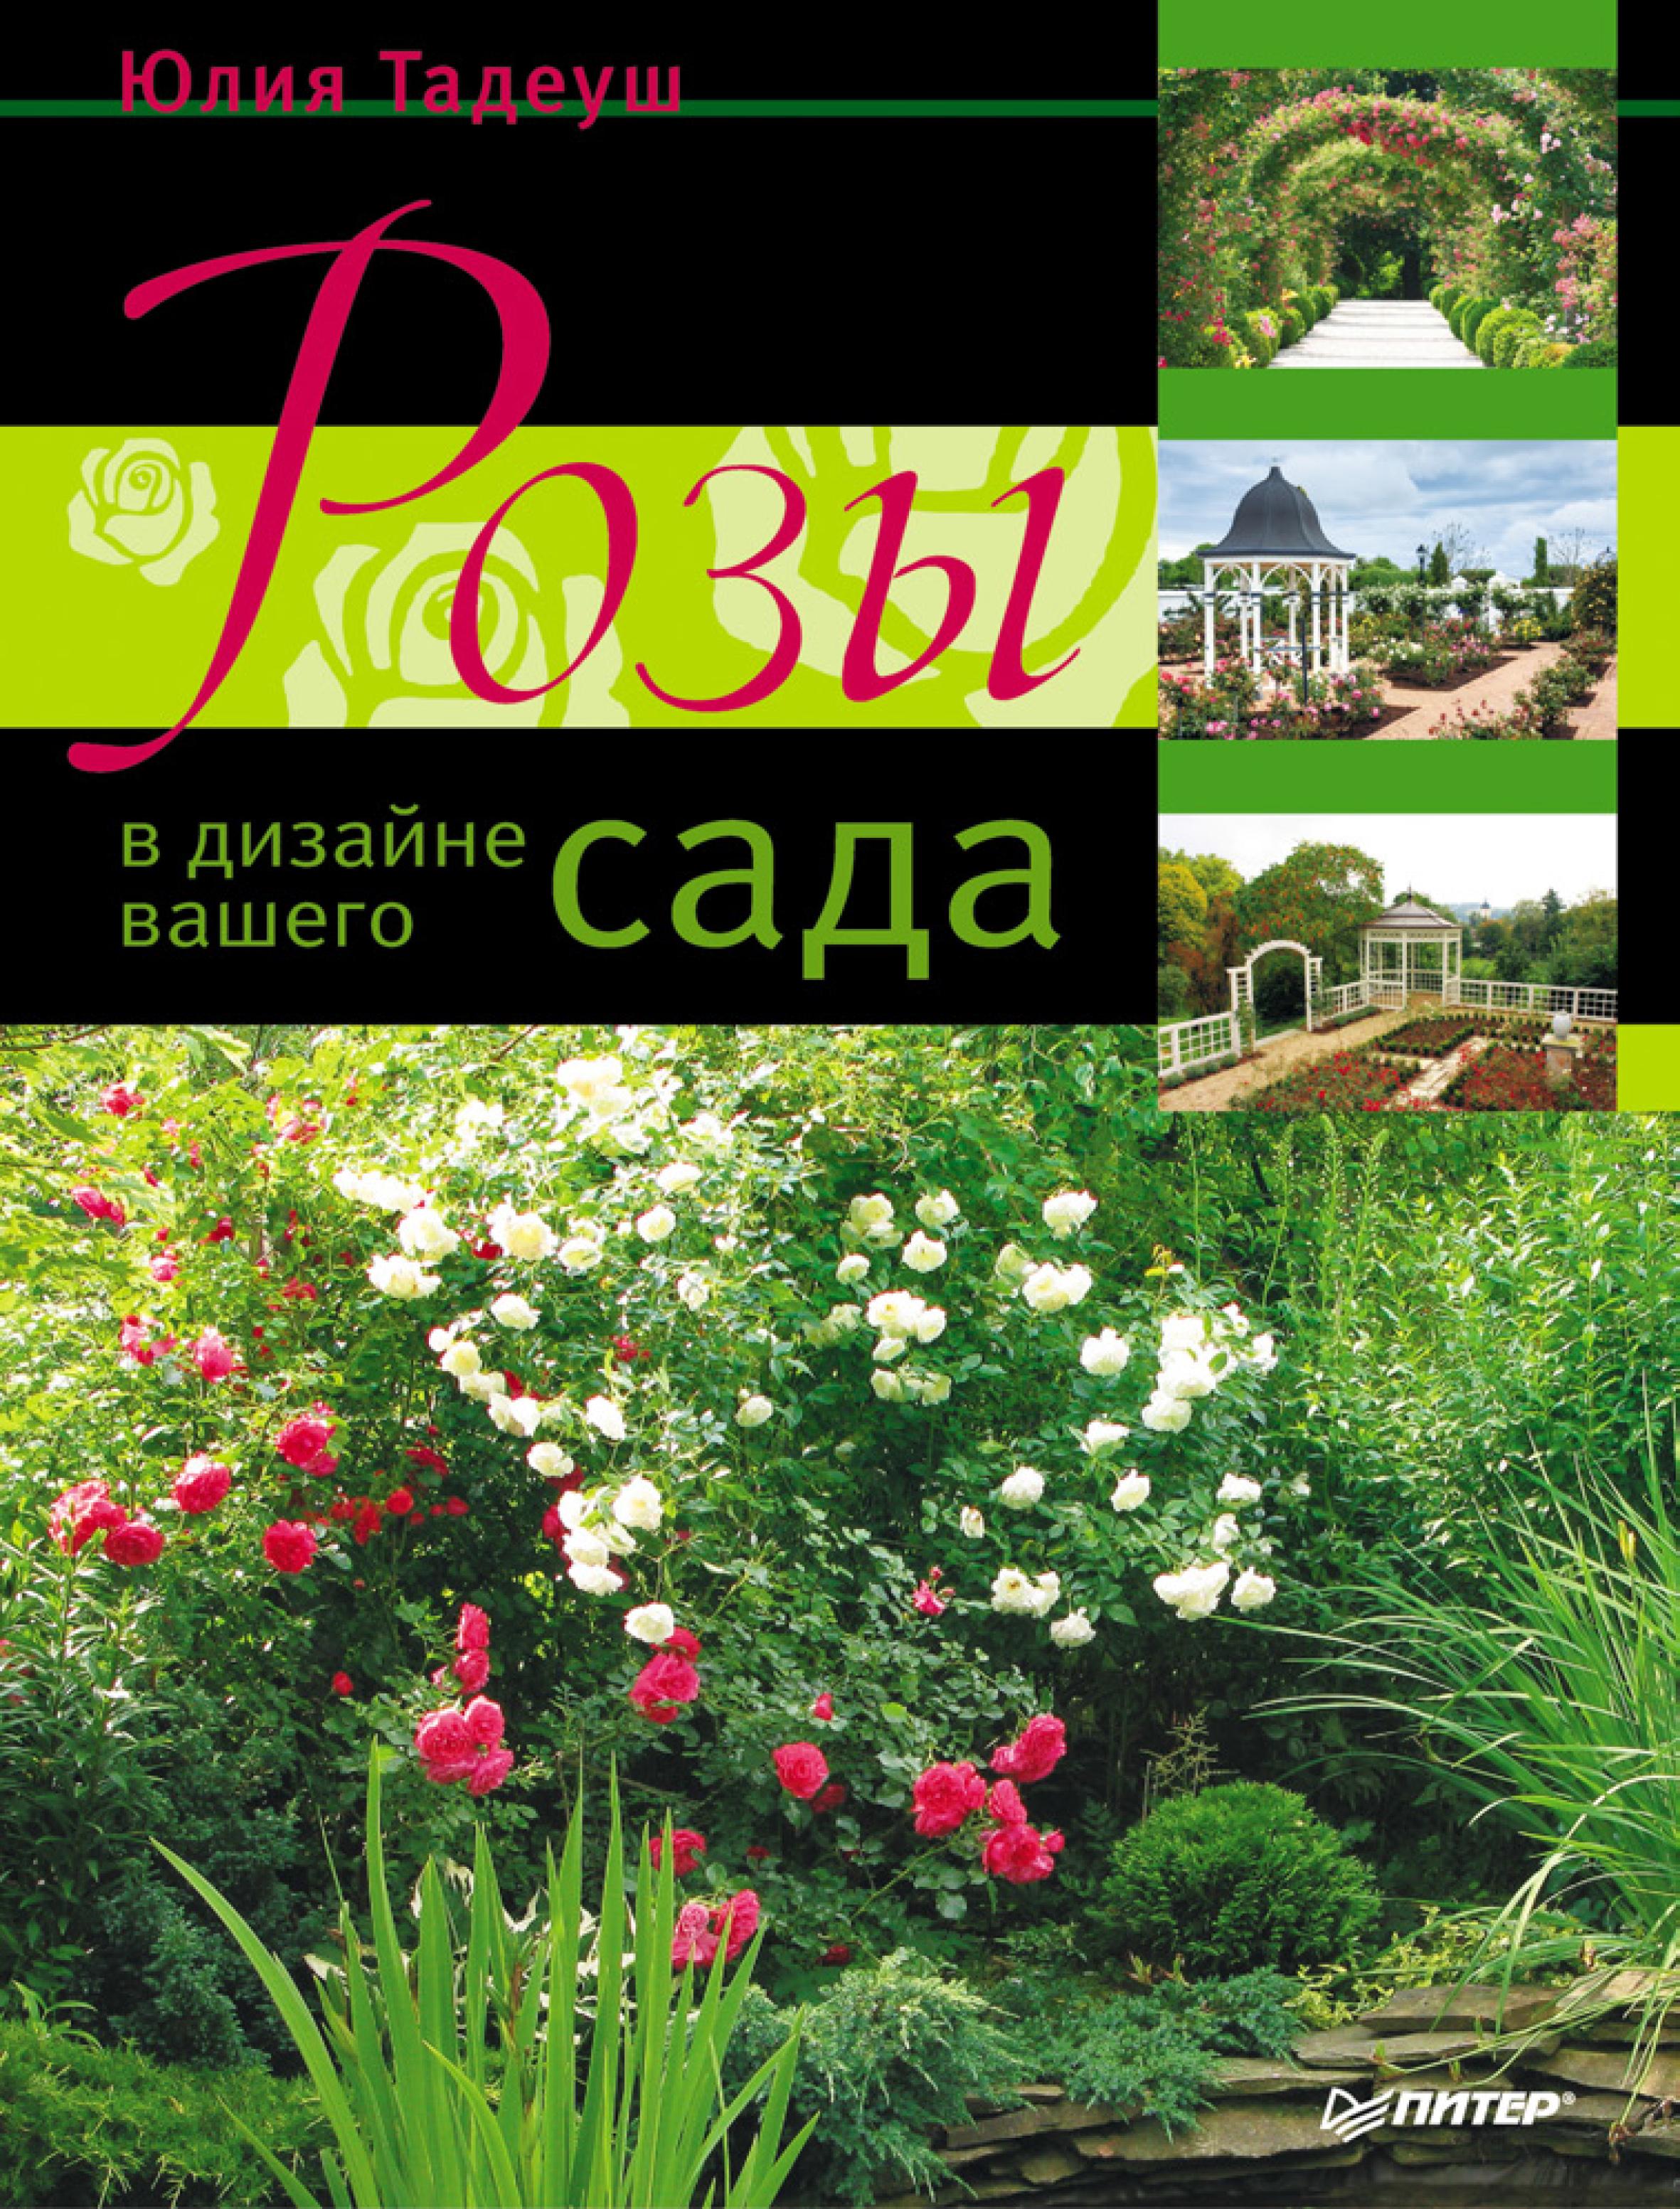 Юлия Тадеуш Розы в дизайне вашего сада дарья князева лучшие цветы для вашего сада